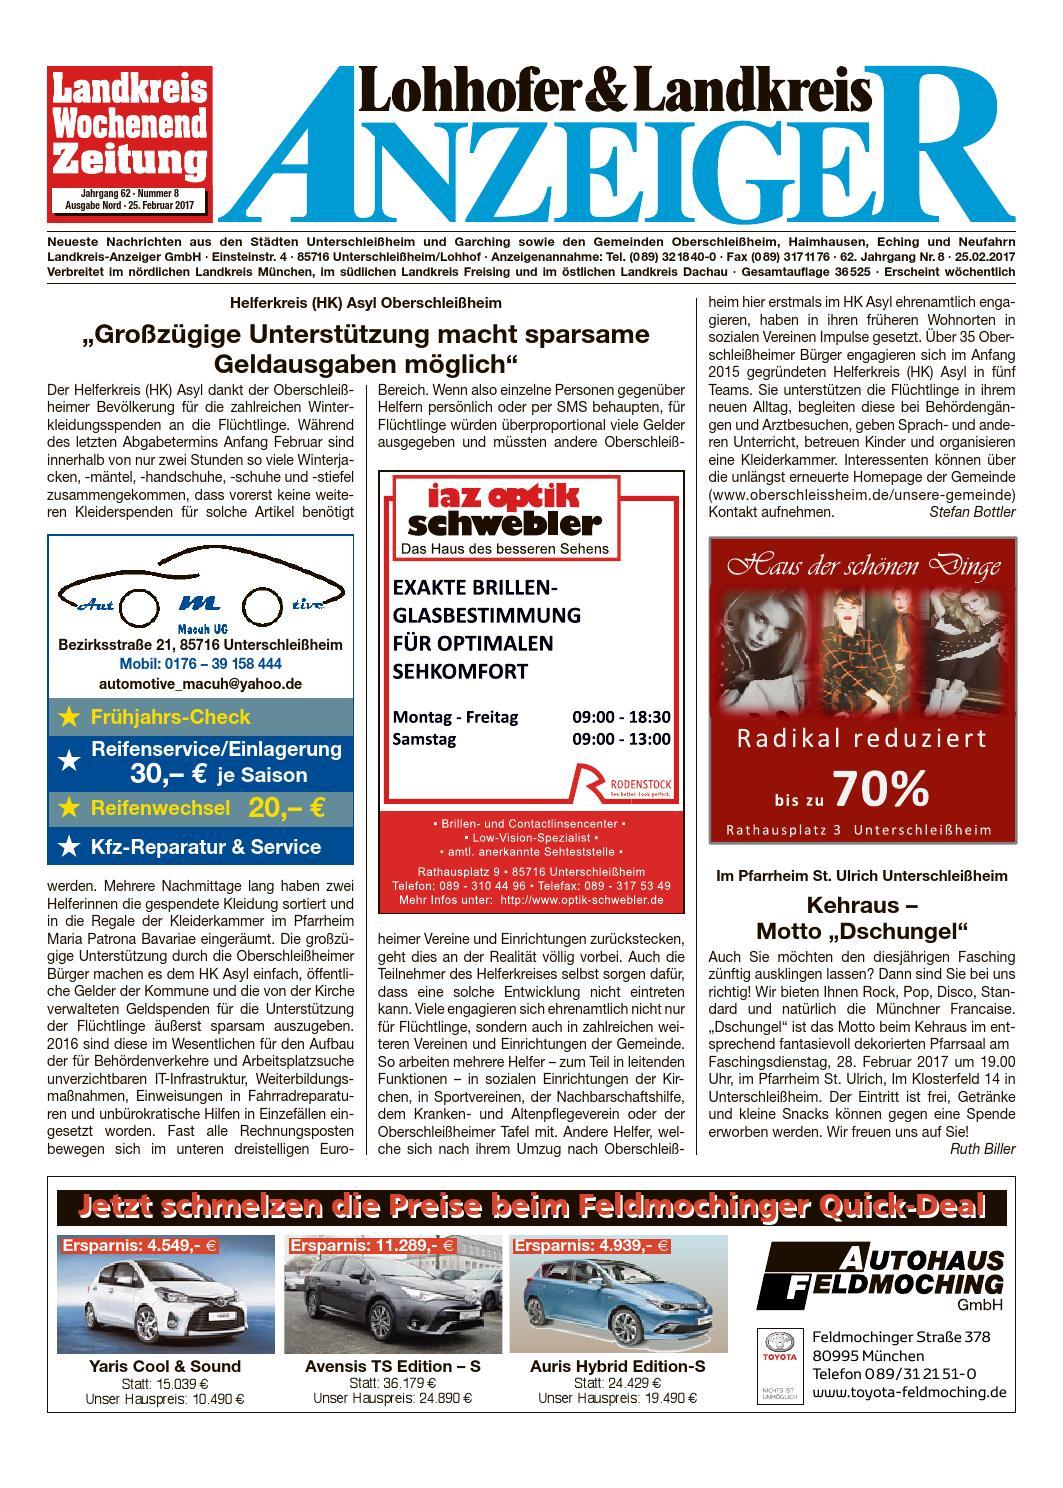 Lohhofer & Landkreis Anzeiger 0817 by Zimmermann GmbH Druck & Verlag - issuu